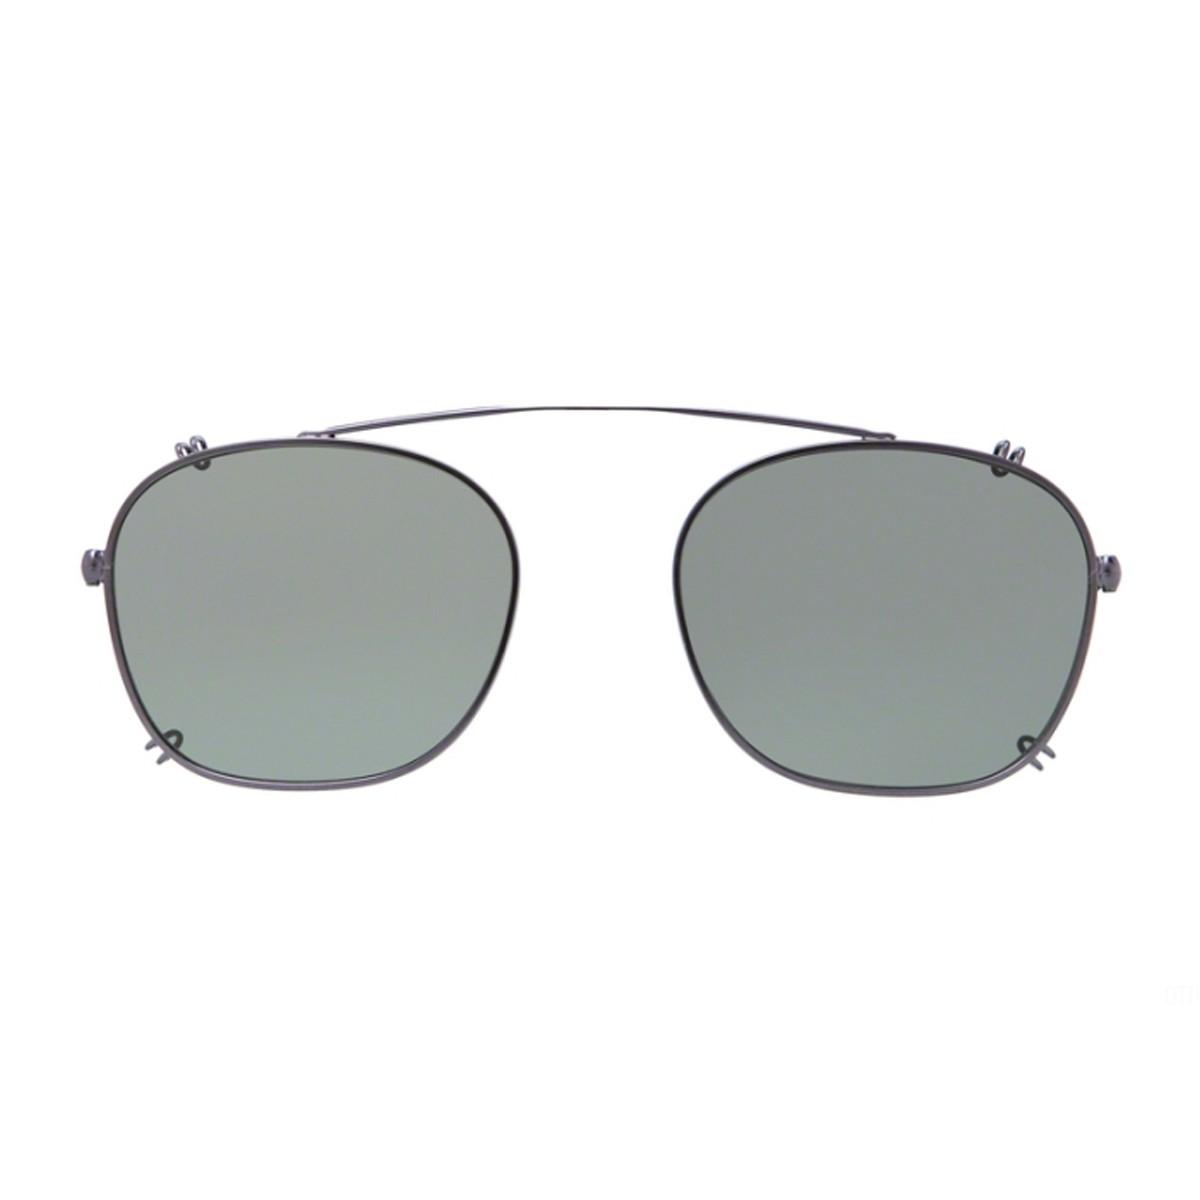 Persol PO 3007 Clip-On   Men's sunglasses